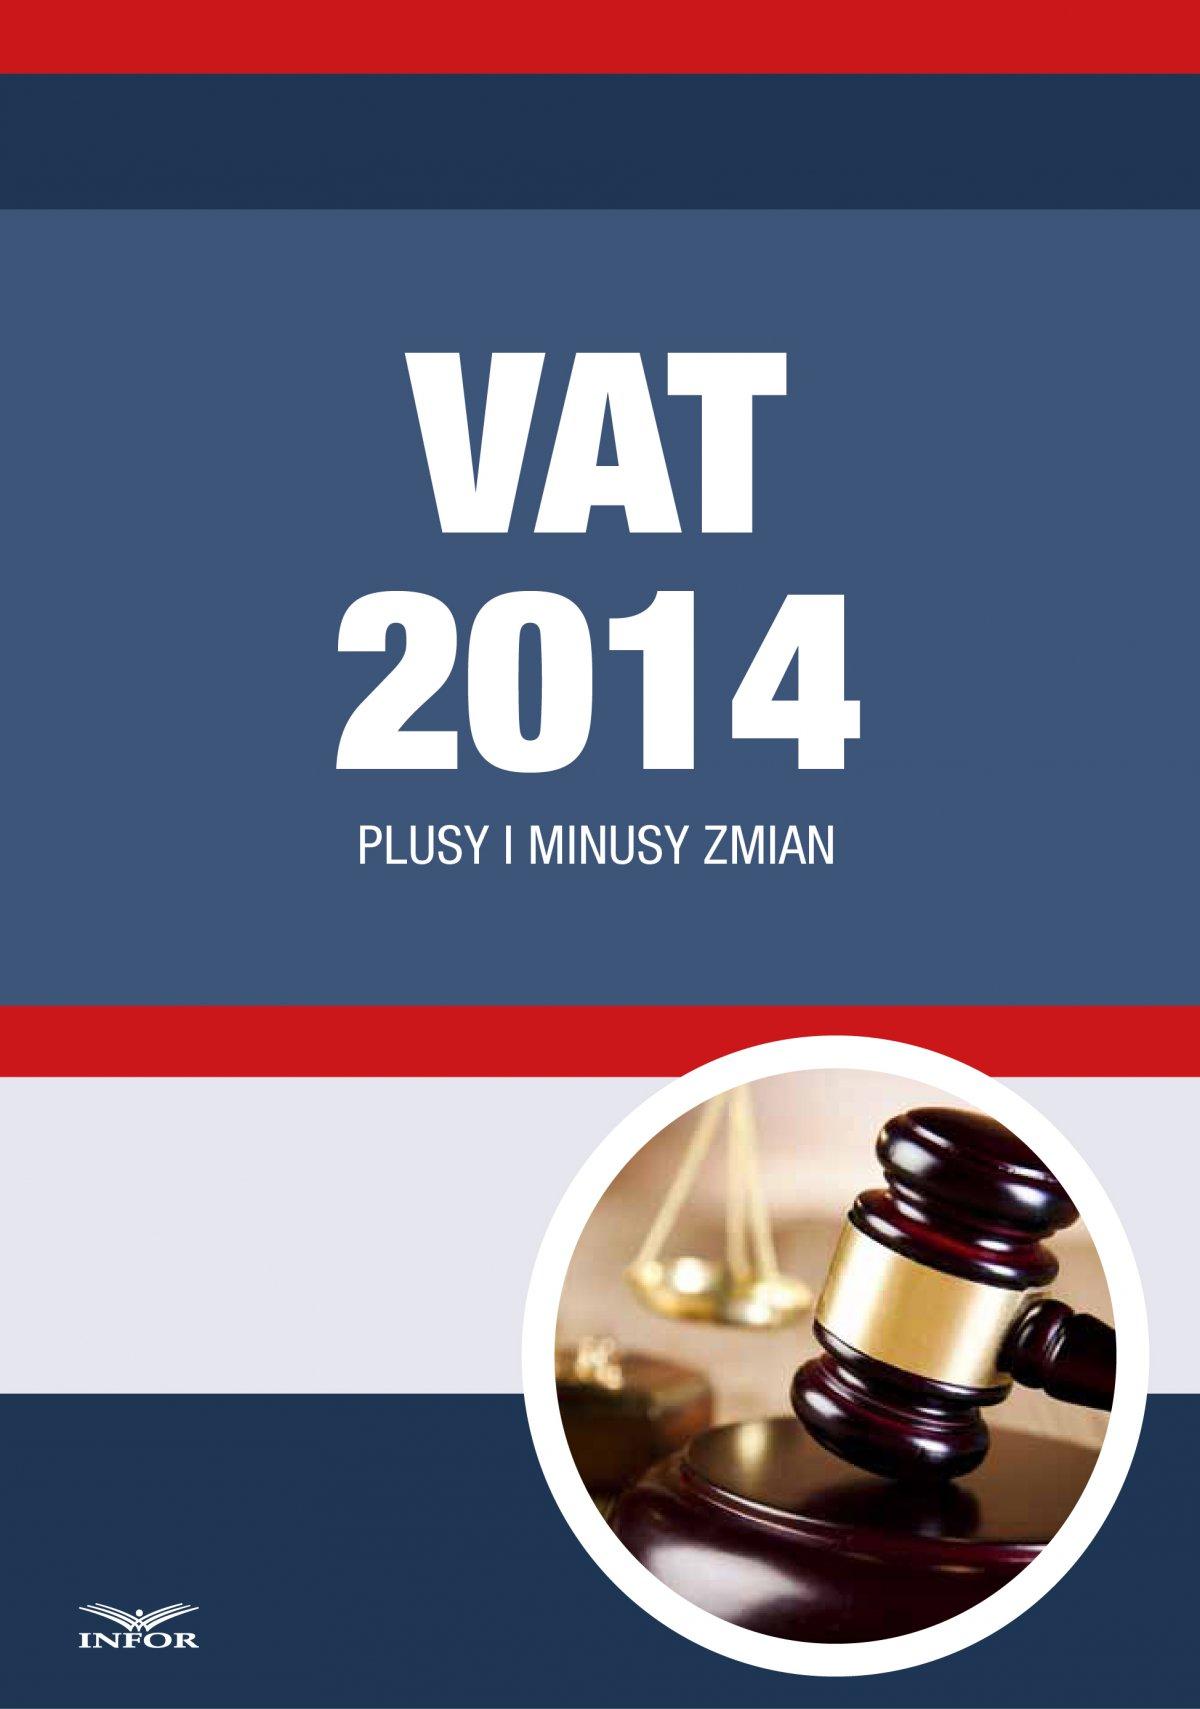 VAT 2014 Plusy i minusy zmian - Ebook (Książka PDF) do pobrania w formacie PDF